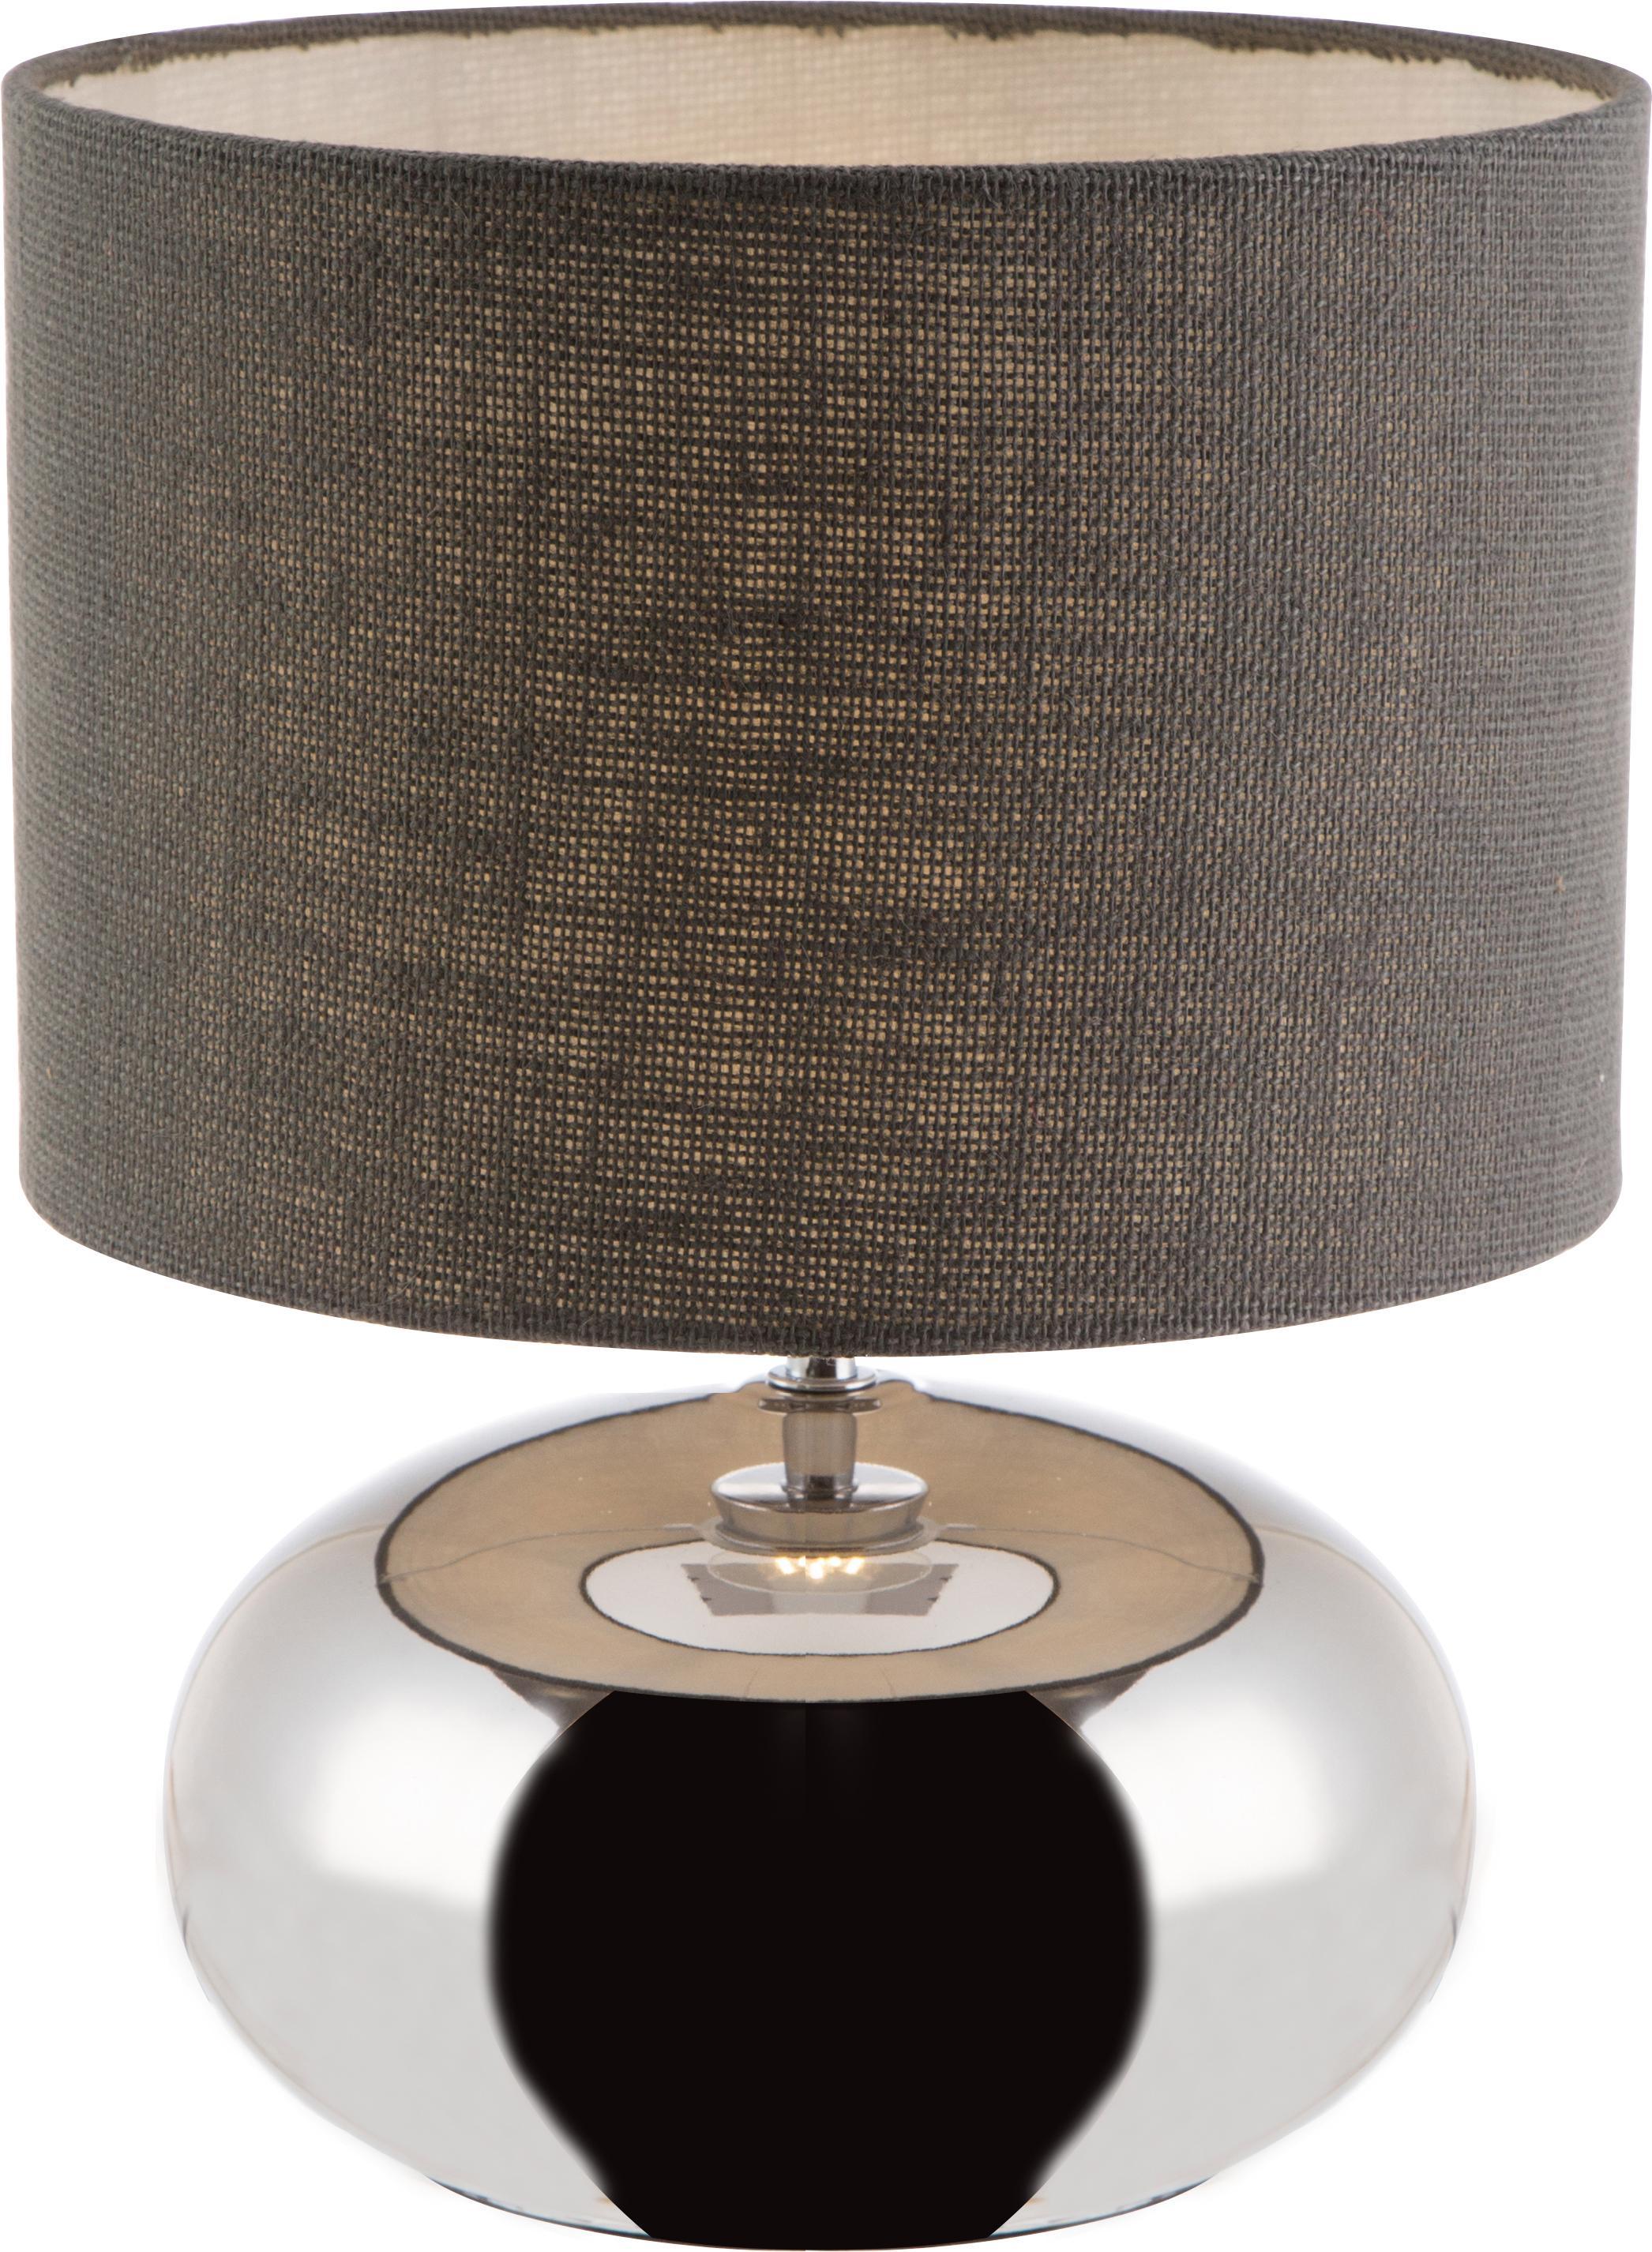 Nino Leuchten Tischleuchte ZOE